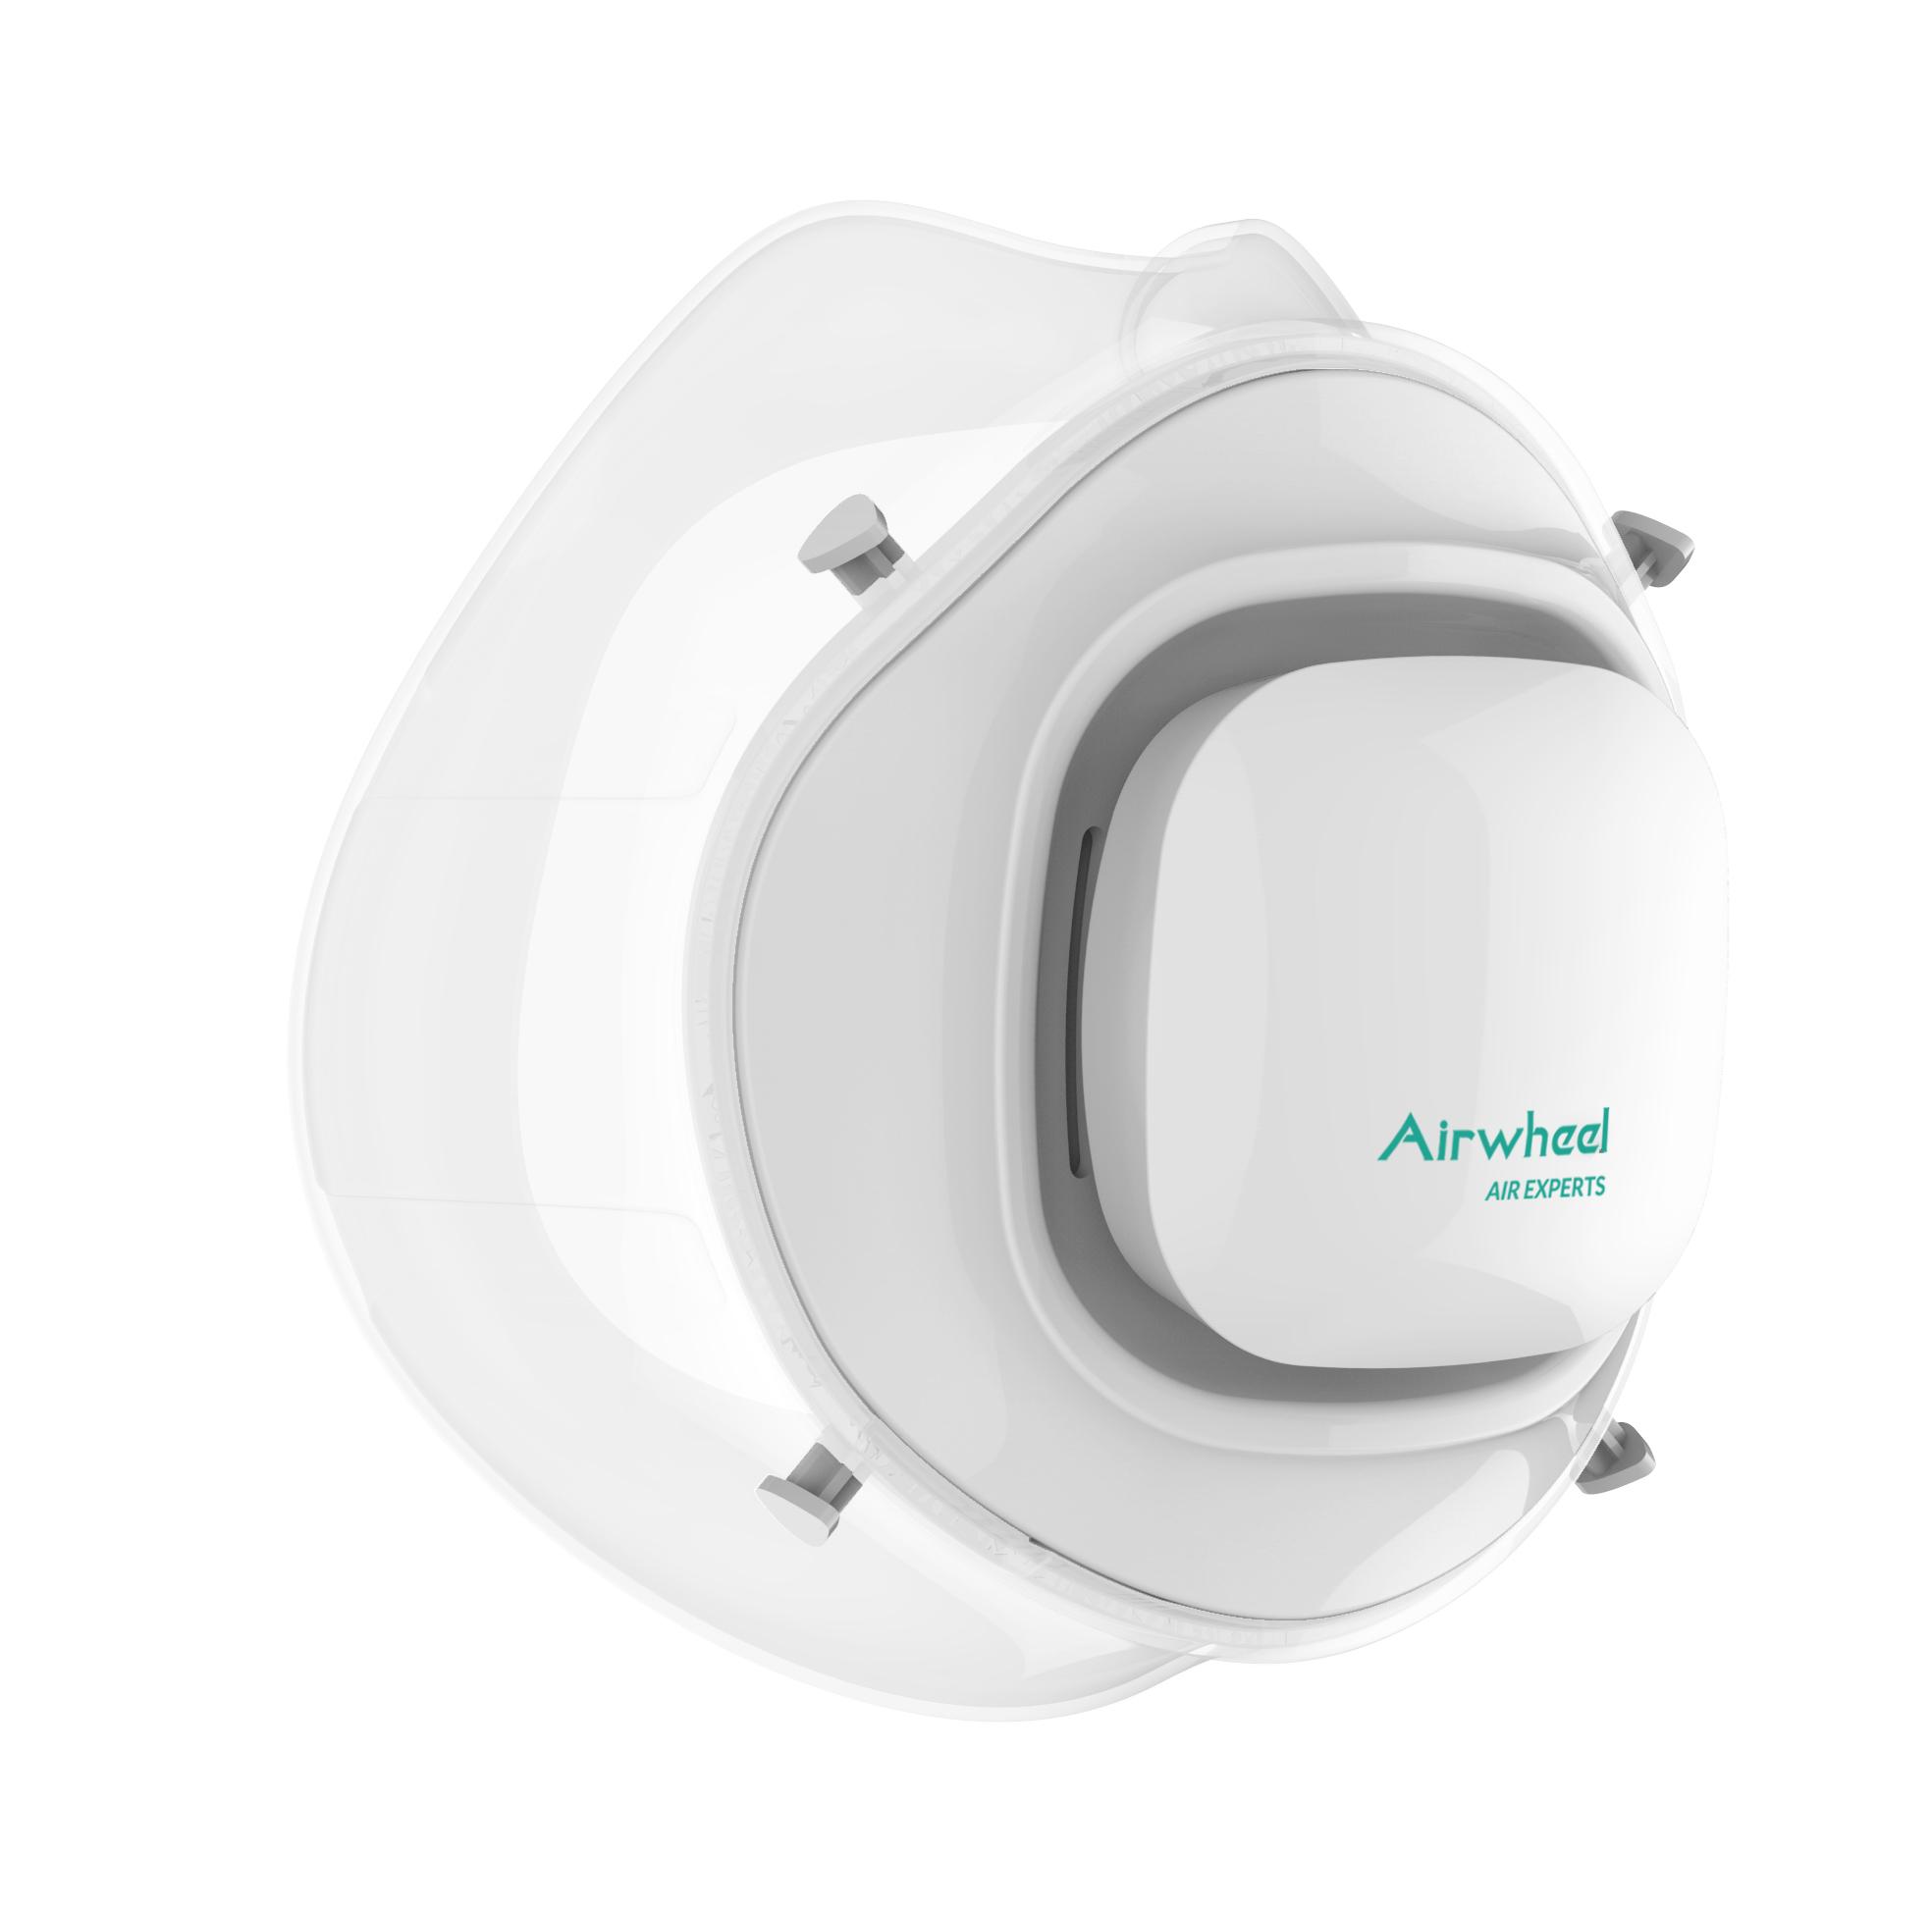 filtros mascarilla airwheel f3